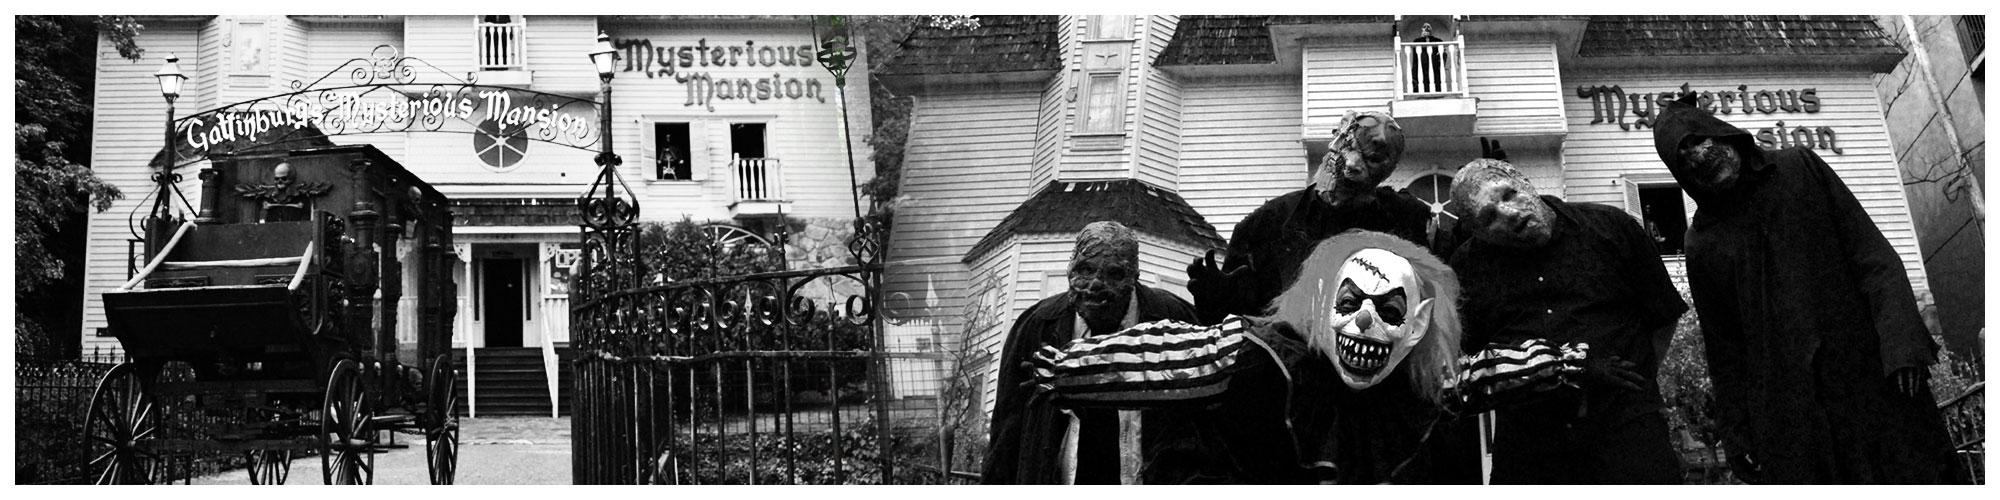 Mysterious Mansion (Header Background) | Gatlinburg Attractions